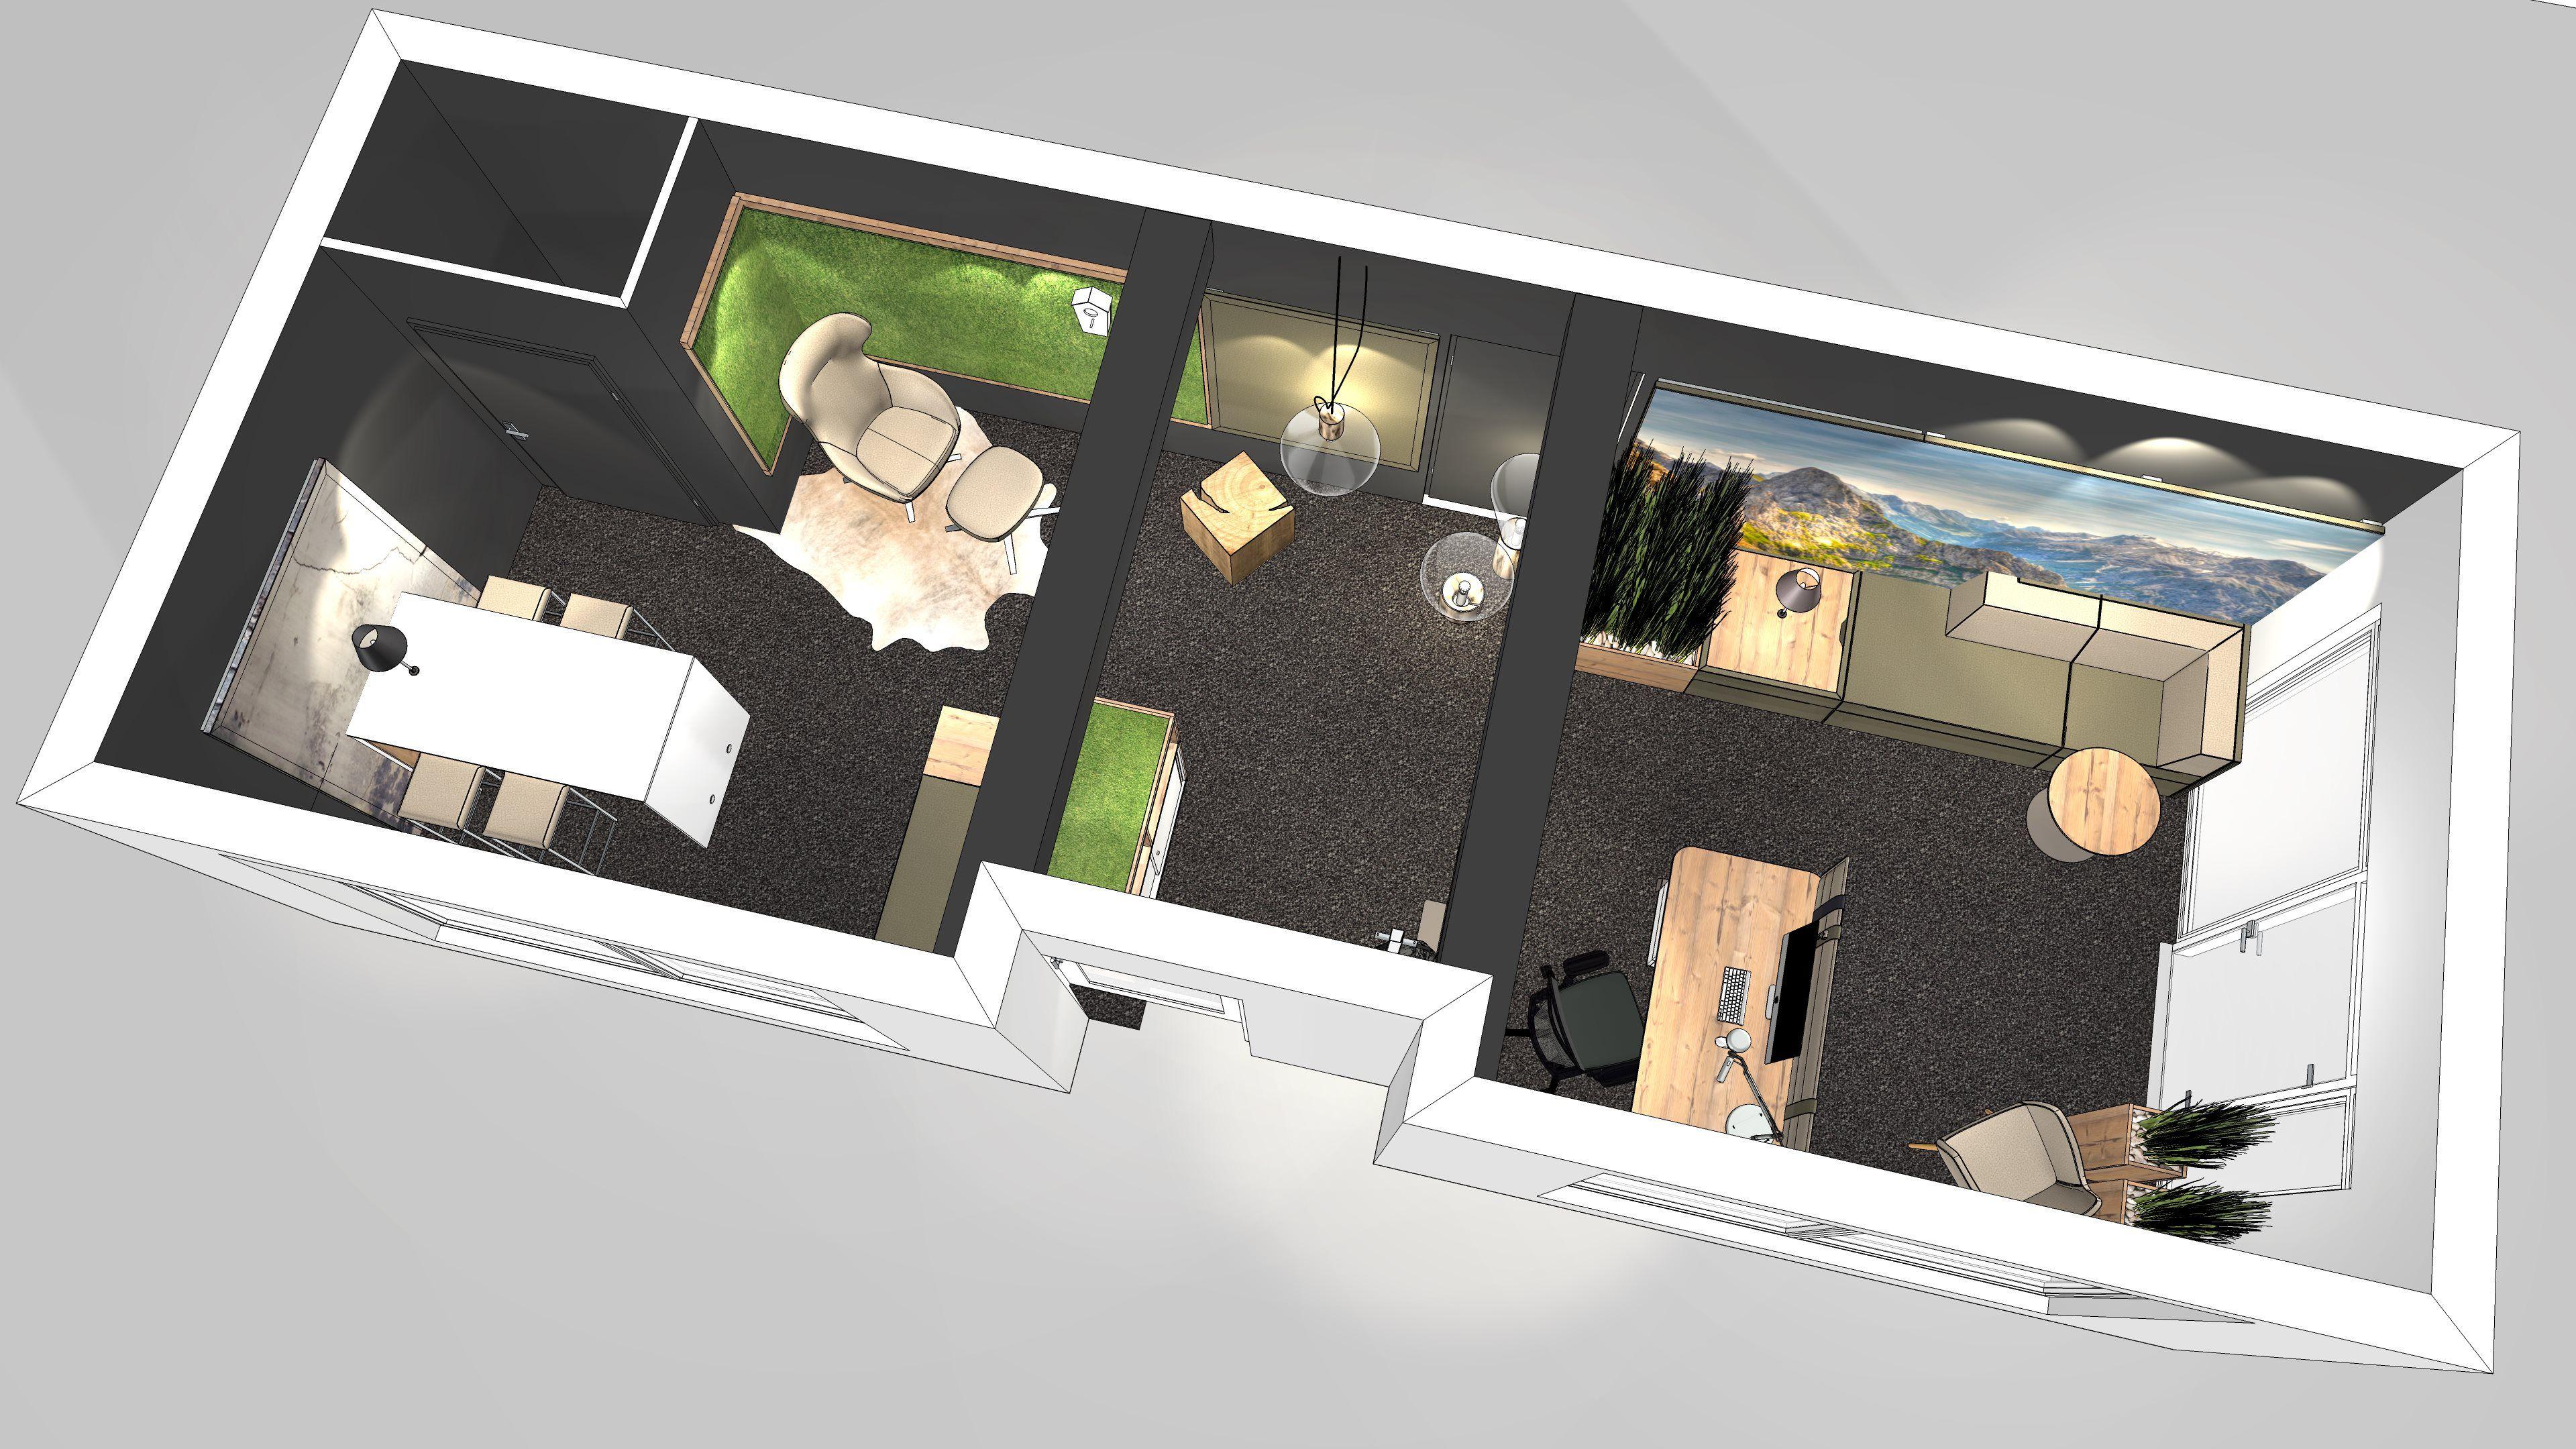 Büro Einrichten U2013 Moderne Büroraumplanung Beinhaltet Unterschiedliche  Zonierungen Mit Arbeits , Besprechungs  Und Loungebereich